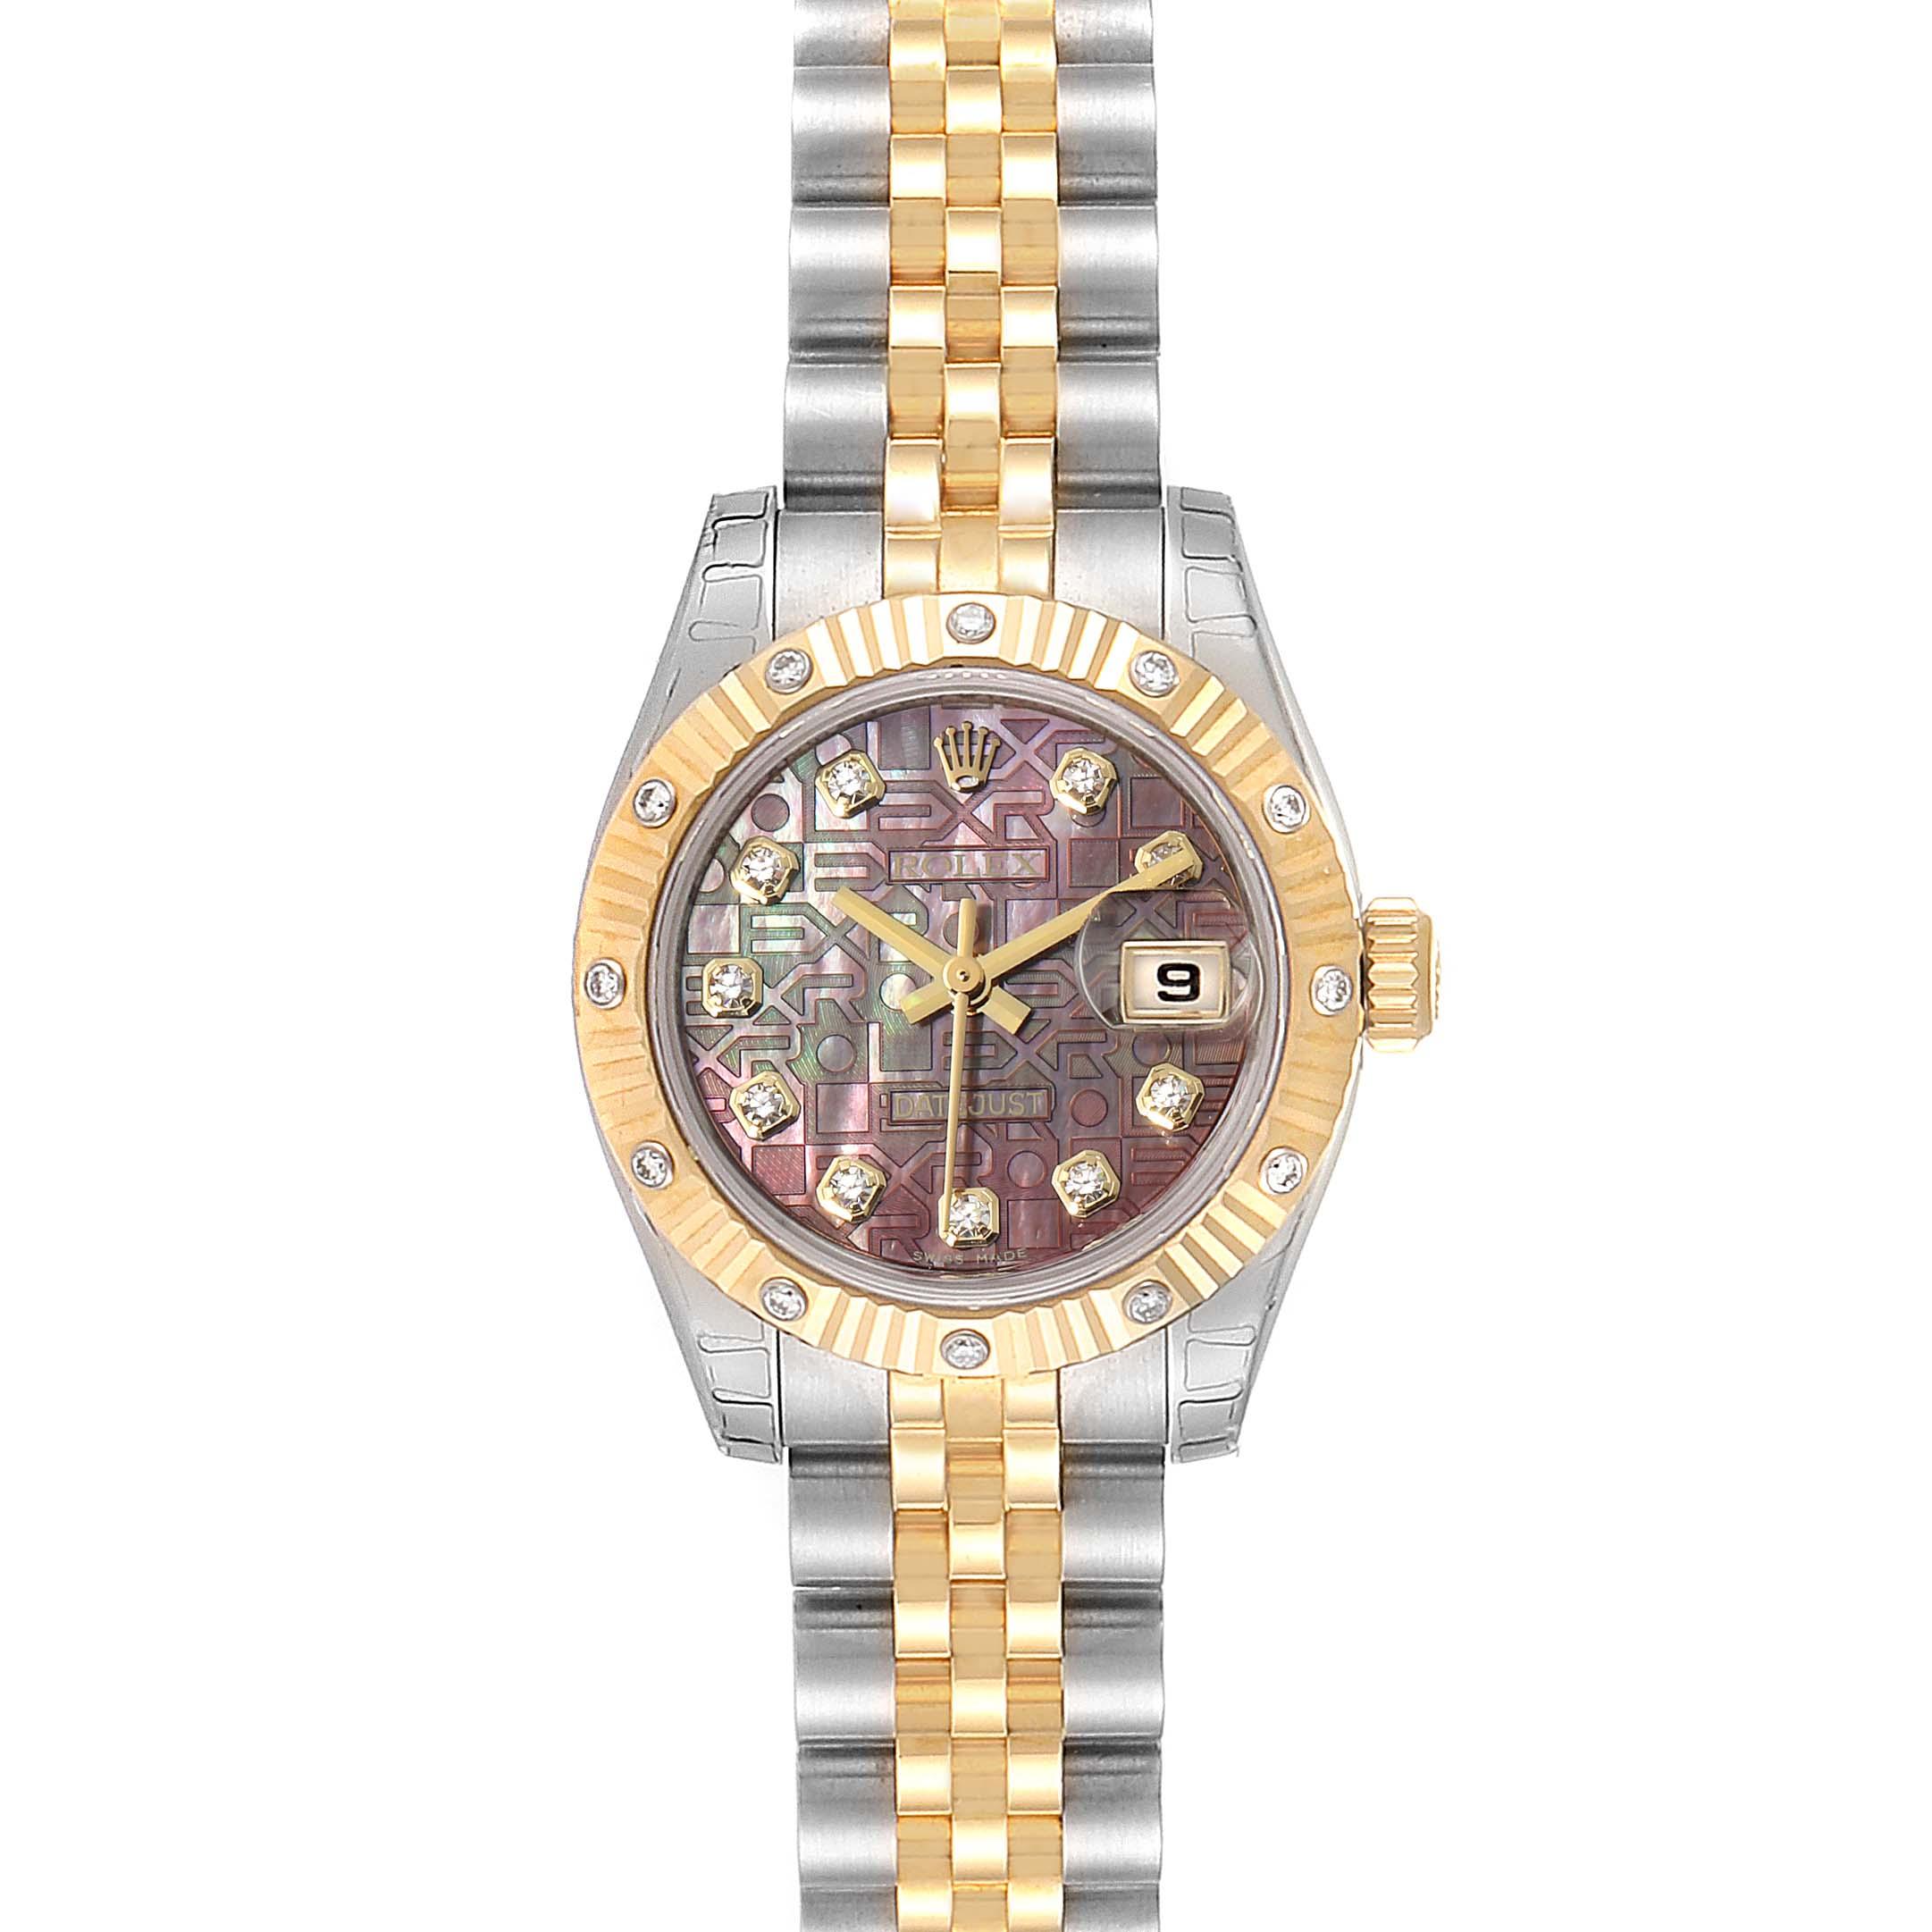 Rolex Datejust Steel Yellow Gold Diamond Ladies Watch 179313 Unworn